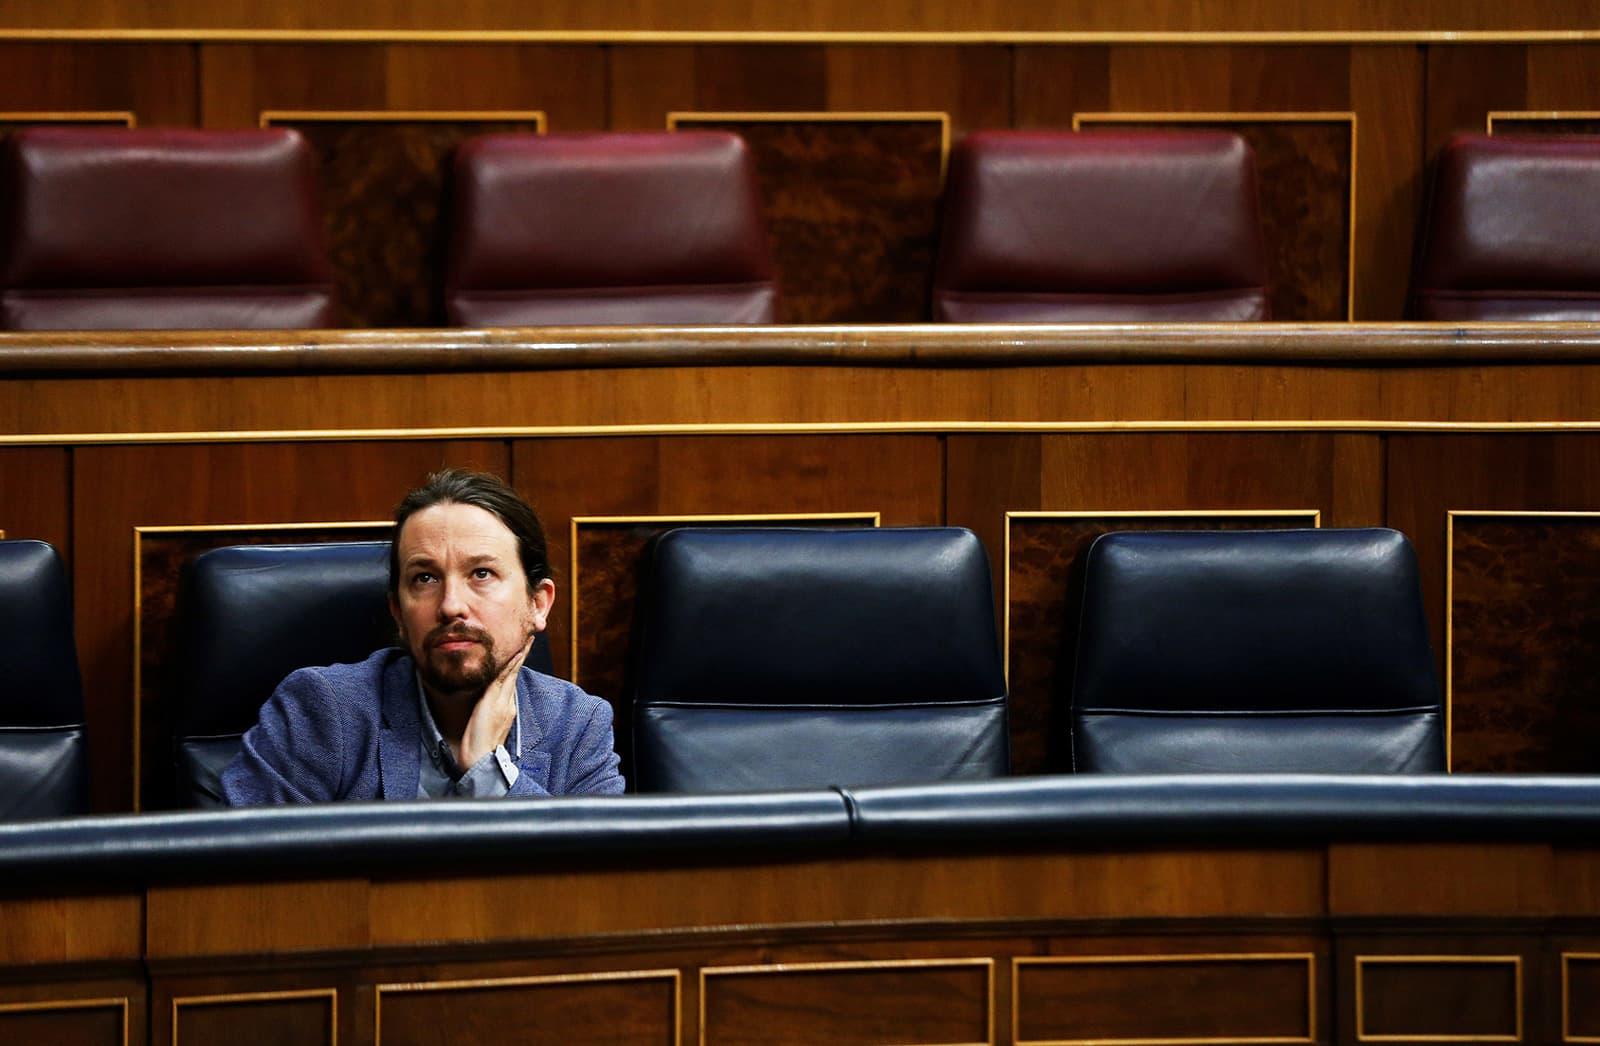 El vicepresident Pablo Iglesias al Congrés dels Diputats el 29 d'abril. Fotografia d'Emilio Naranjo. Efe